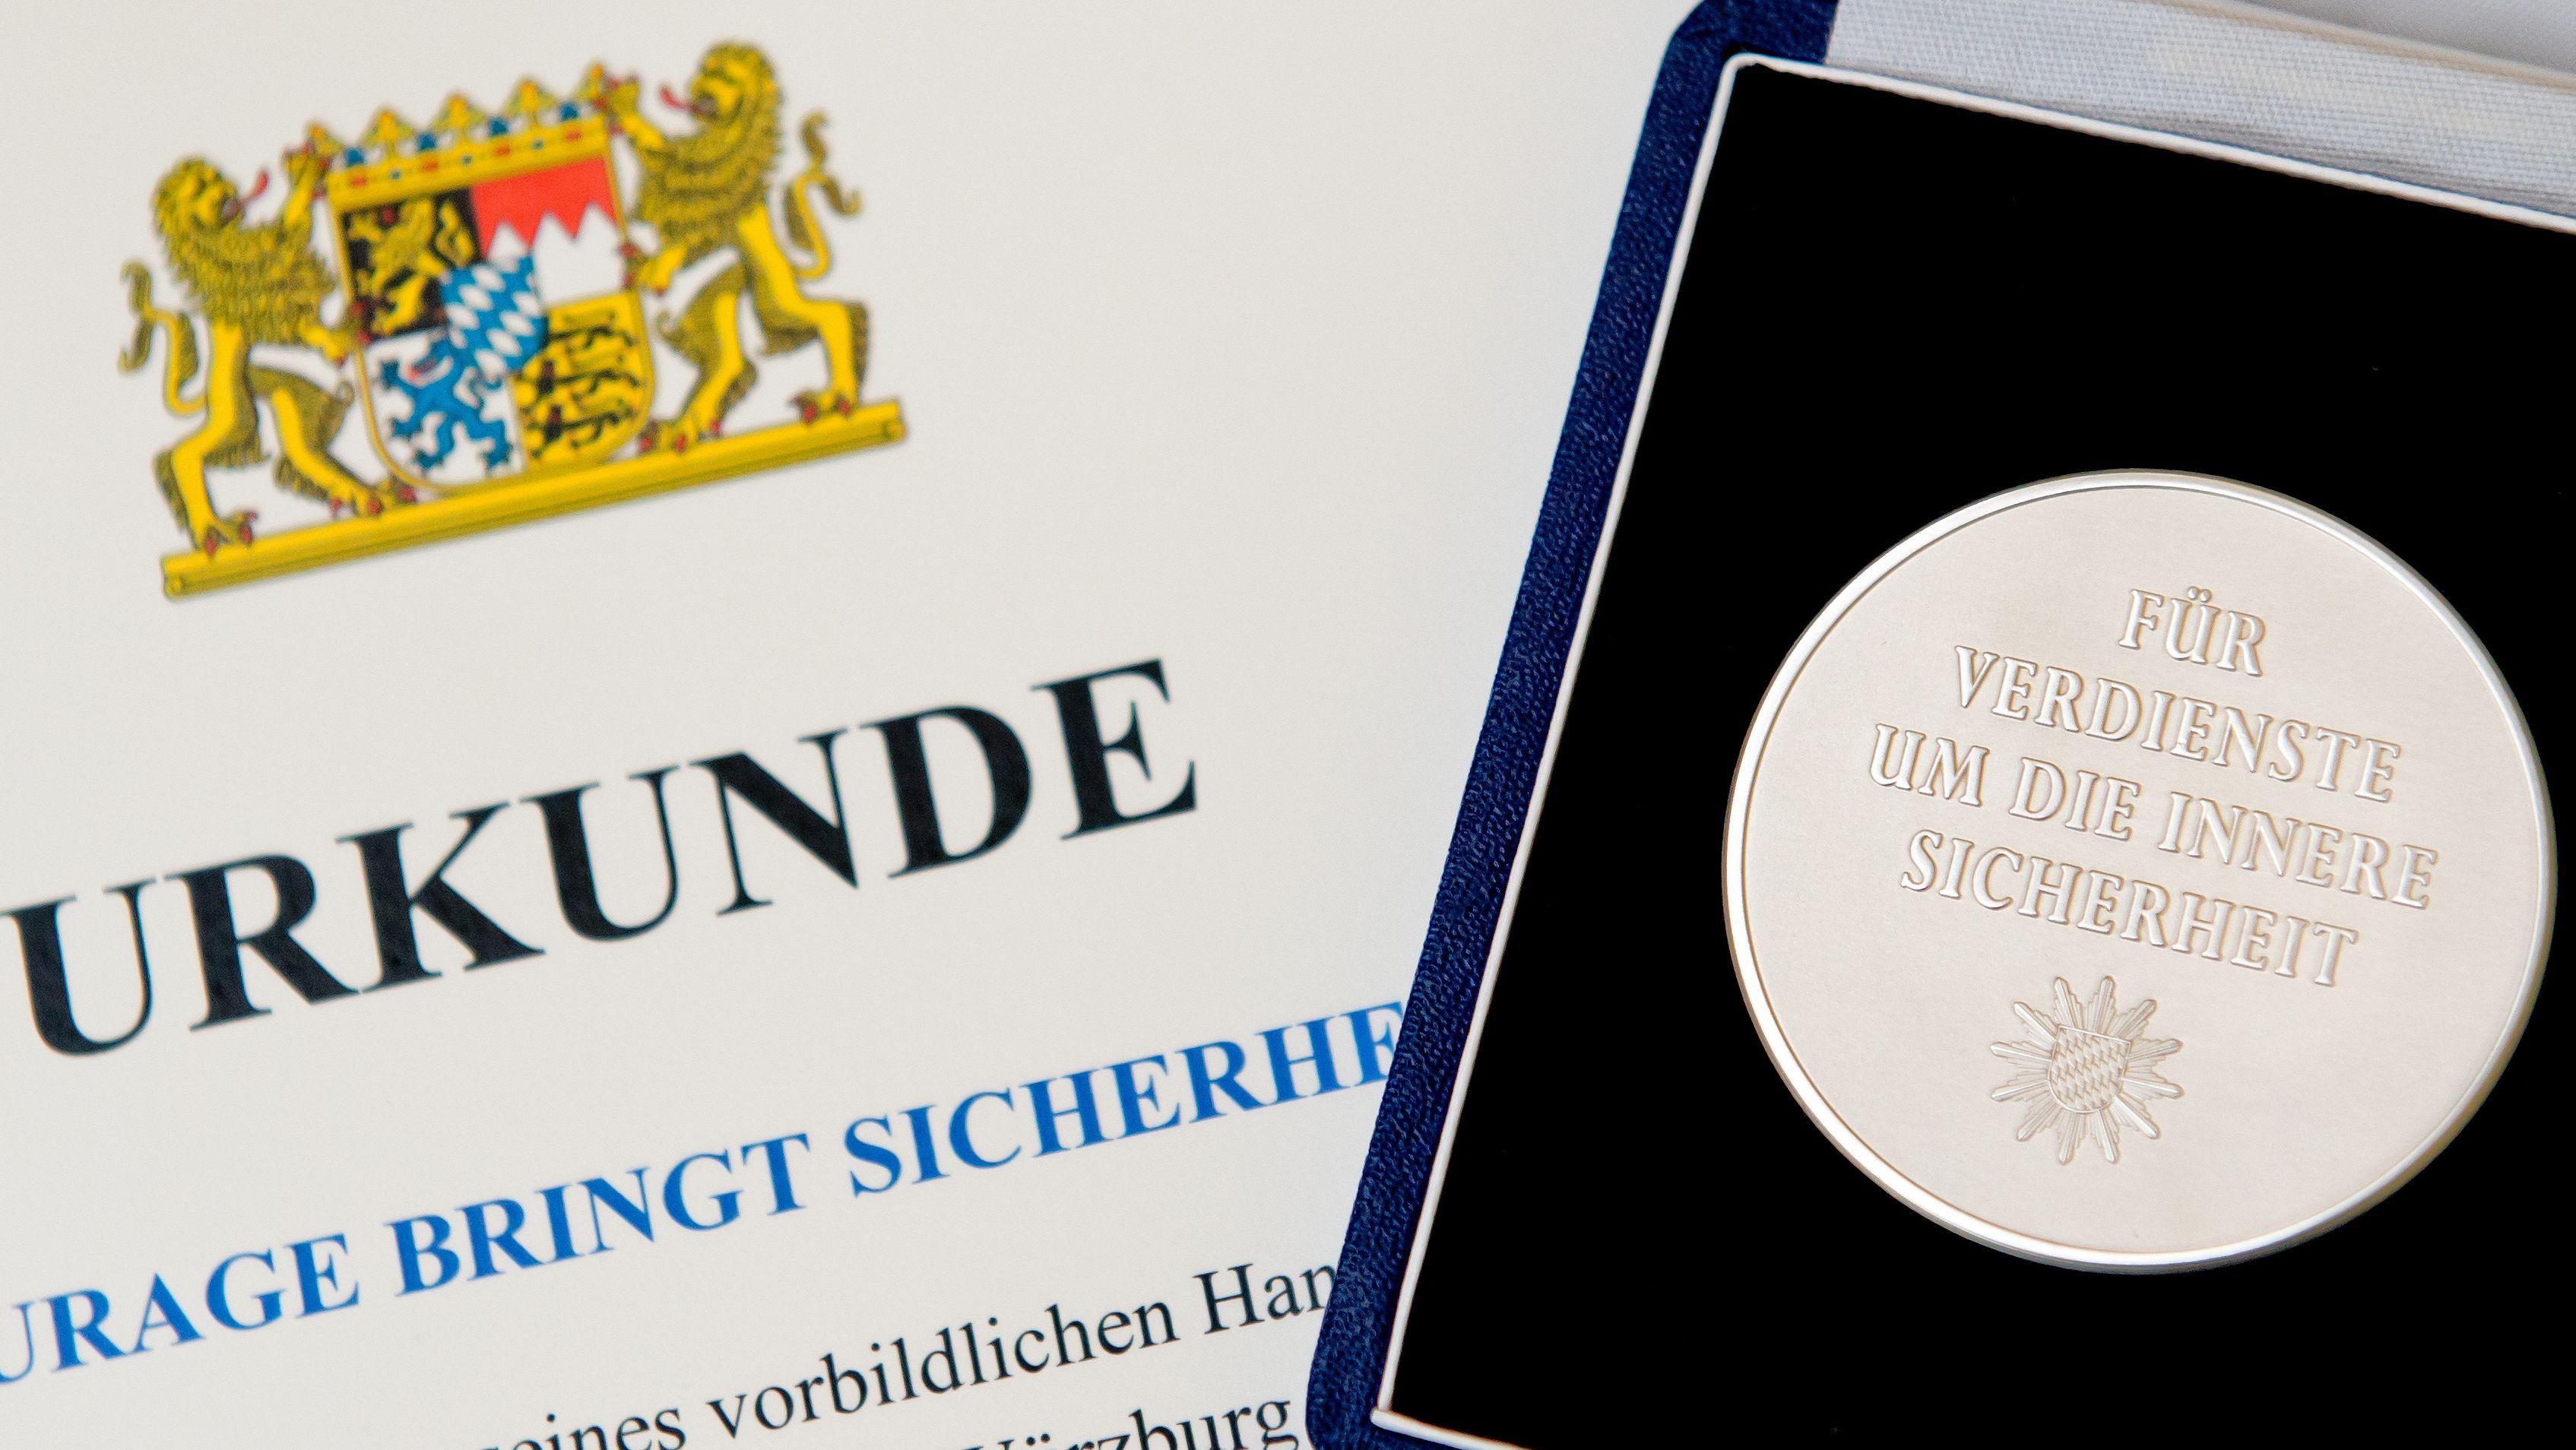 Eine Courage-Medaille und eine Urkunde liegen am 12.09.2014 in München vor der Verleihung durch den bayerischen Innenminister auf einem Tisch.